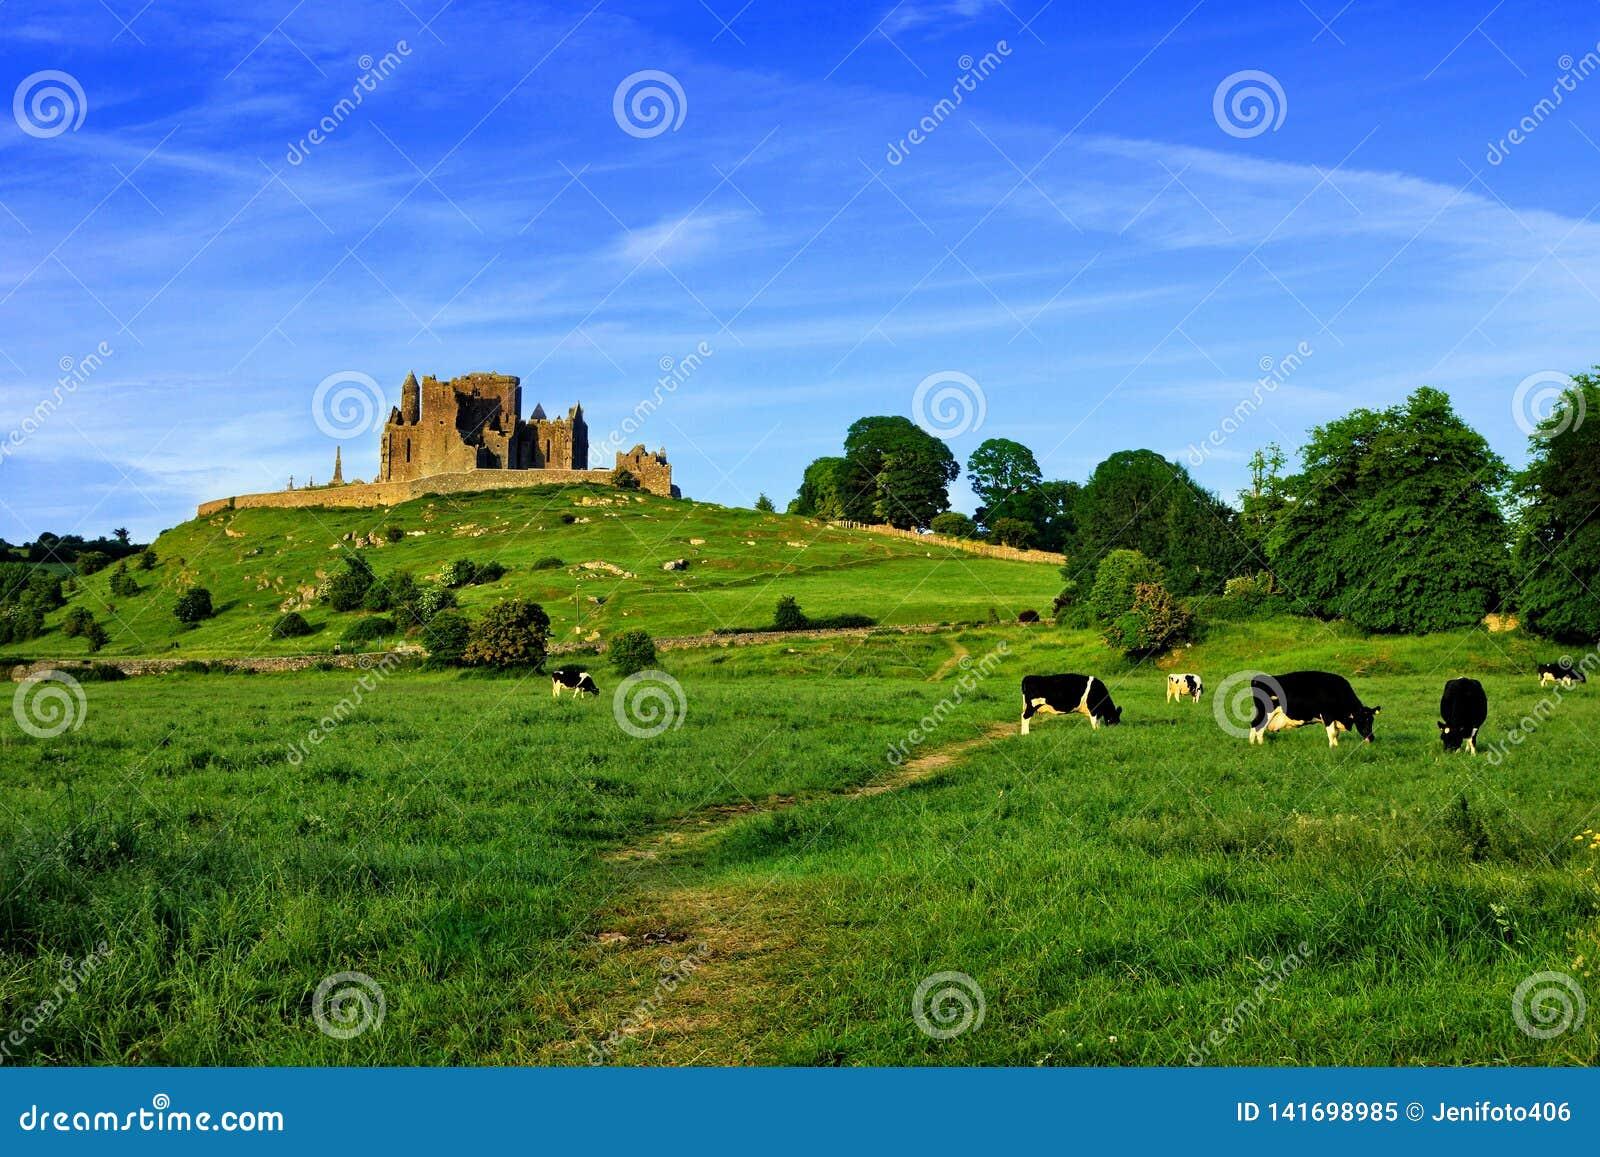 Rots van Cashel boven groene gebieden met koeien, Tipperary, Ierland